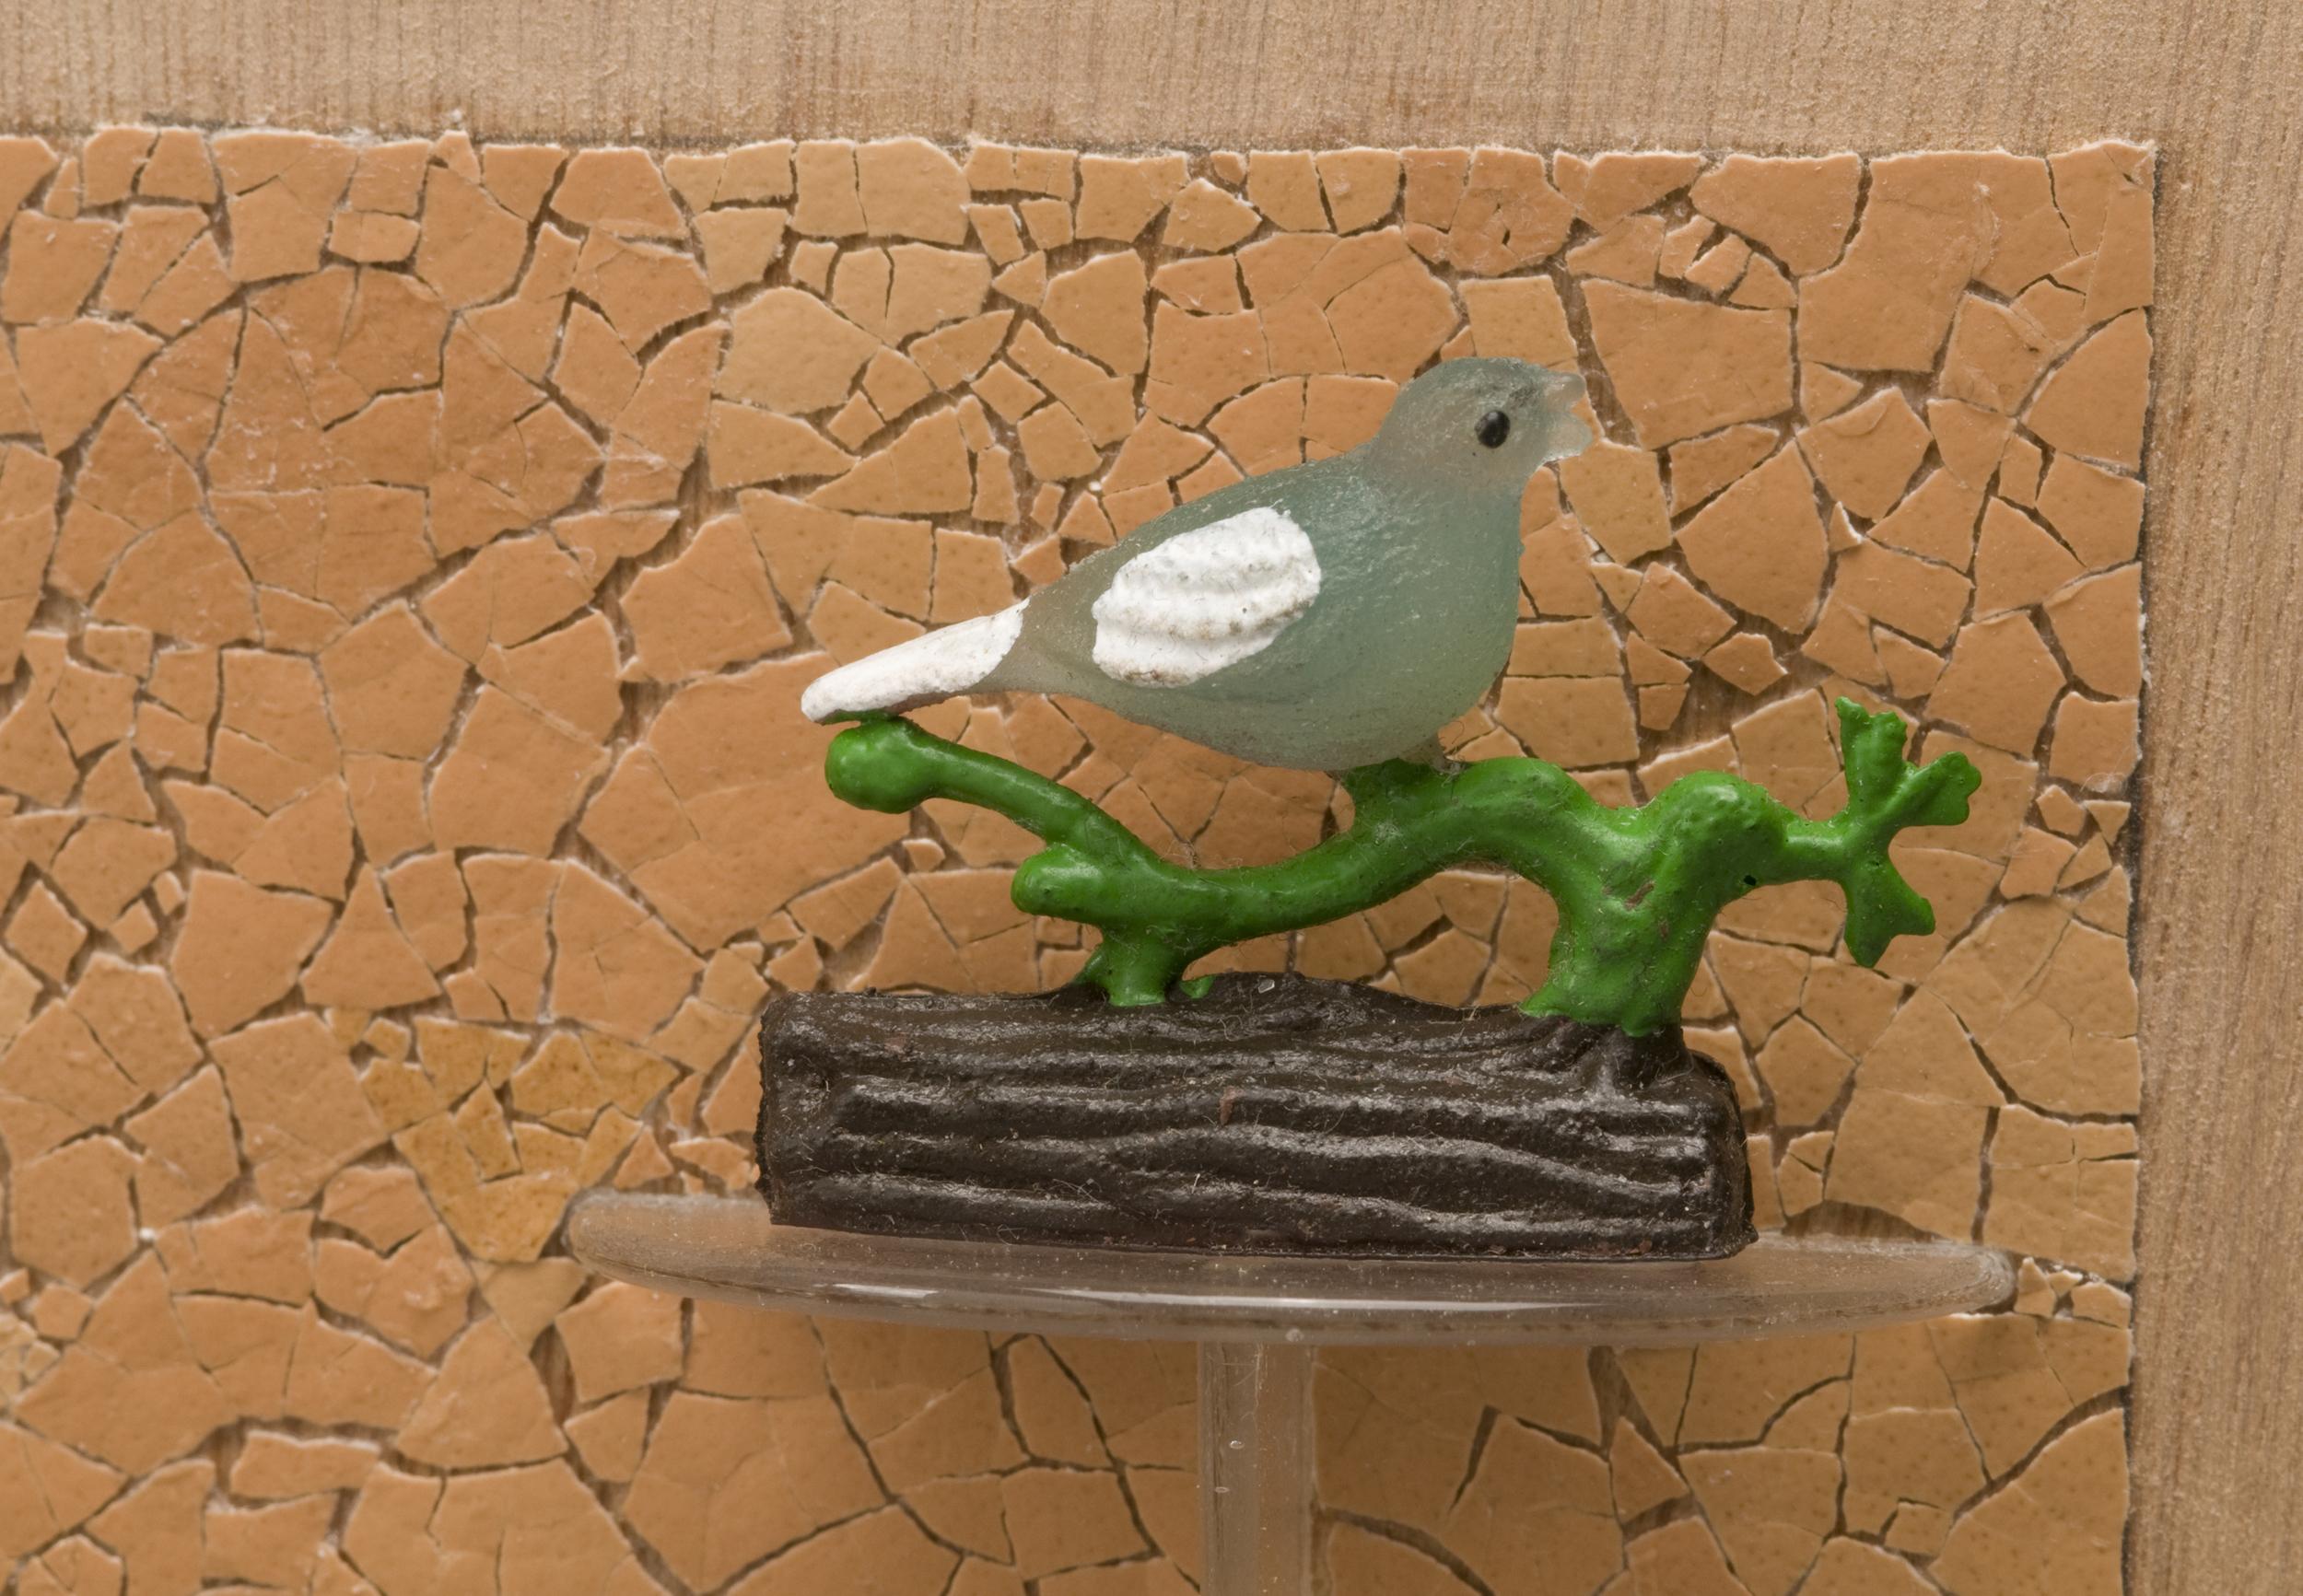 Stirton-Broad-Carol-Bird Watcher-detail-1.jpg